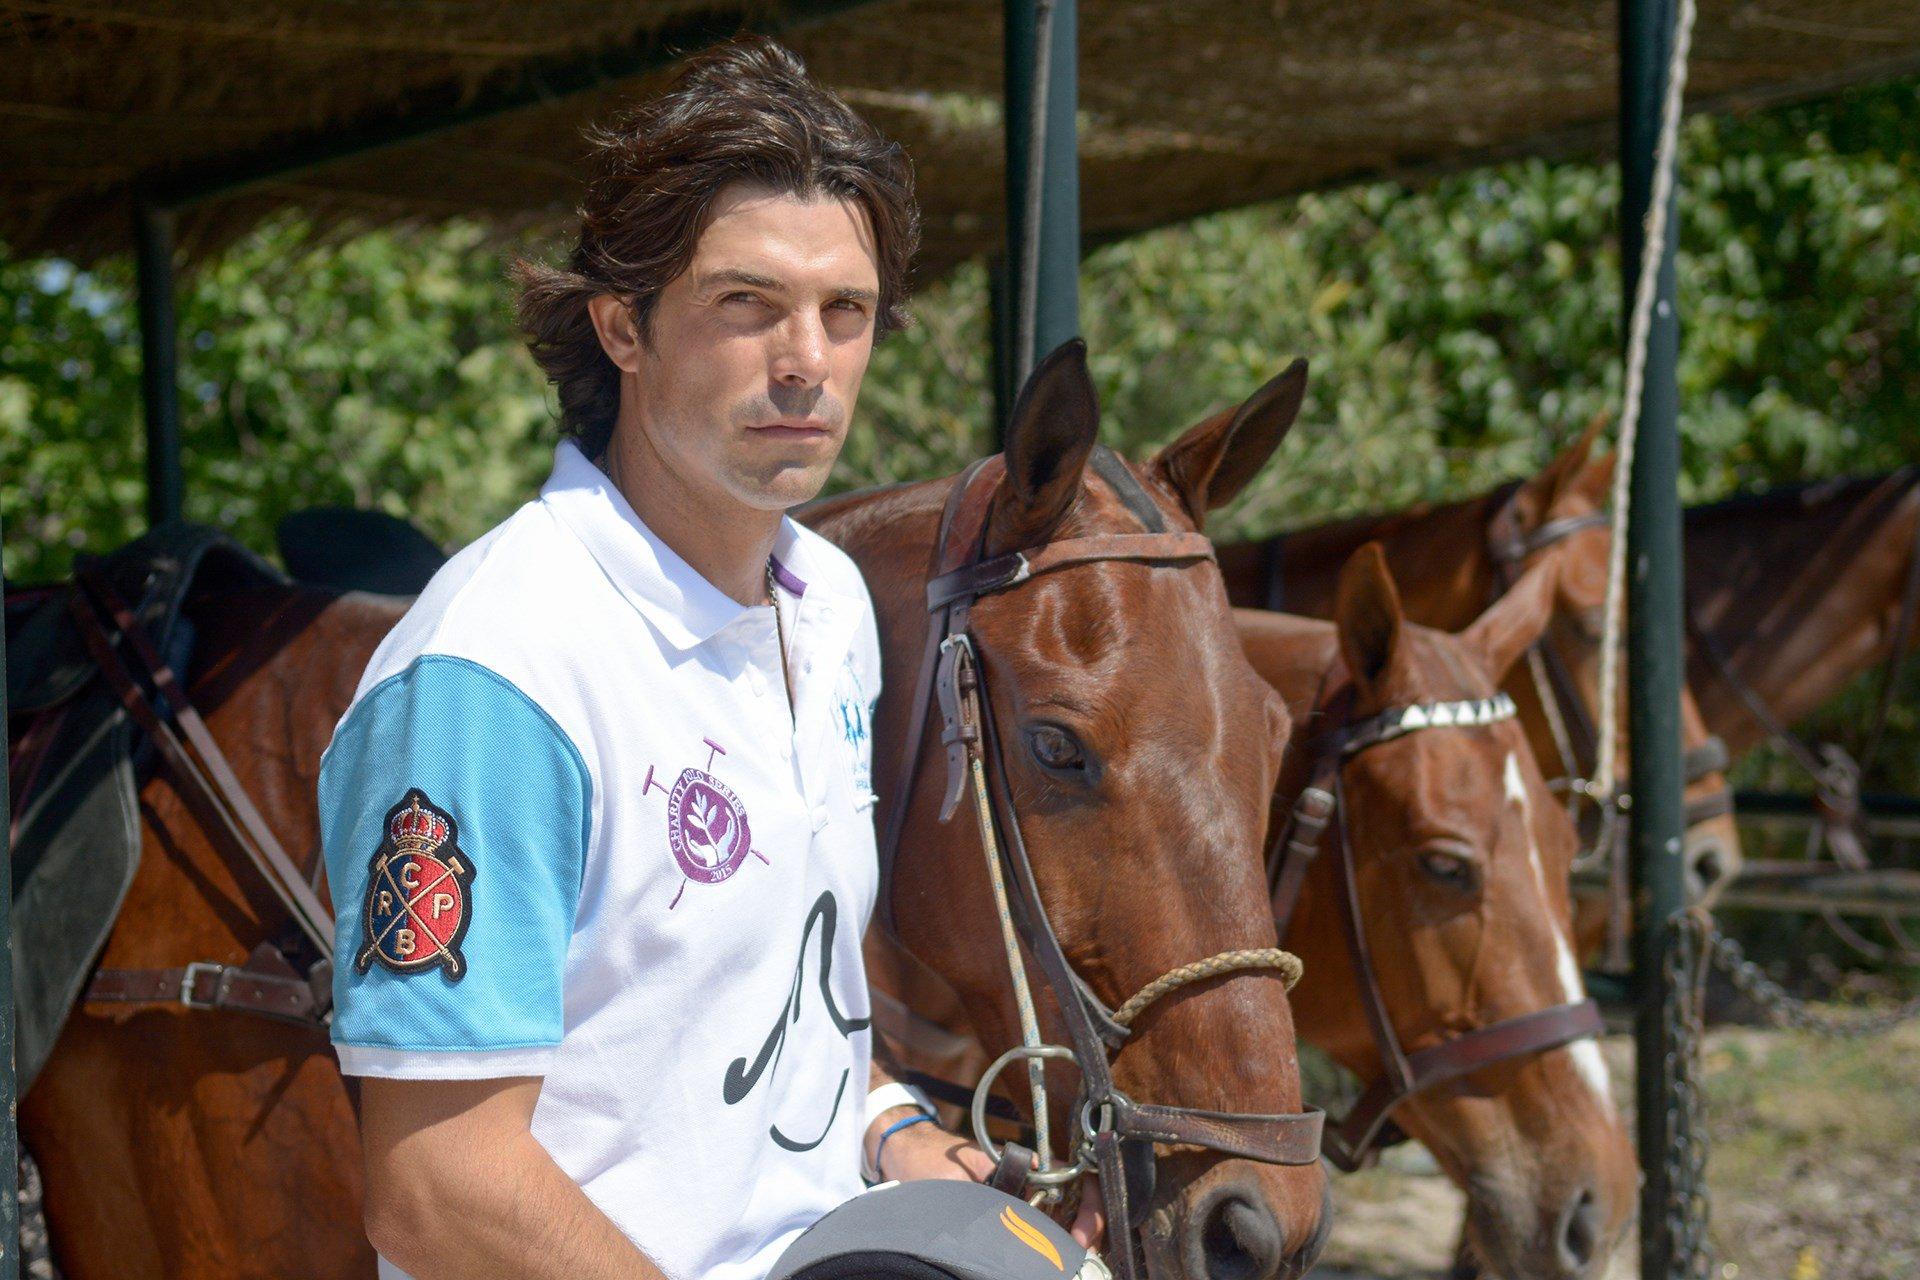 Meet the world's HOTTEST polo player, Nacho Figueras: https://t.co/yVzuqKMnVE https://t.co/lFtaHcCQgl